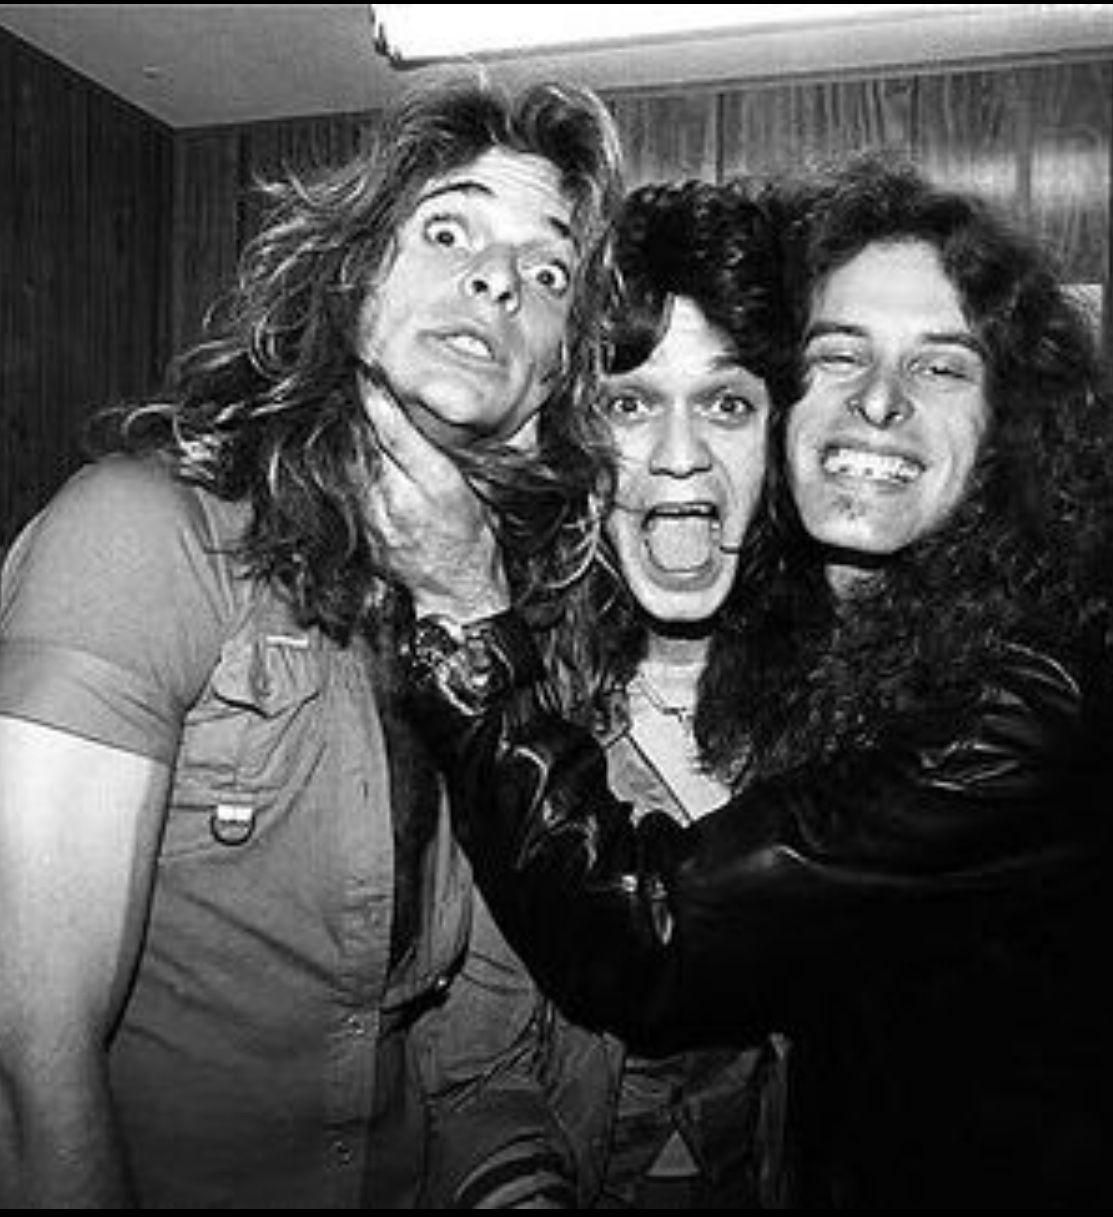 Pin By Chuck Biscuits On Rockers In 2020 Van Halen Eddie Van Halen Music Legends